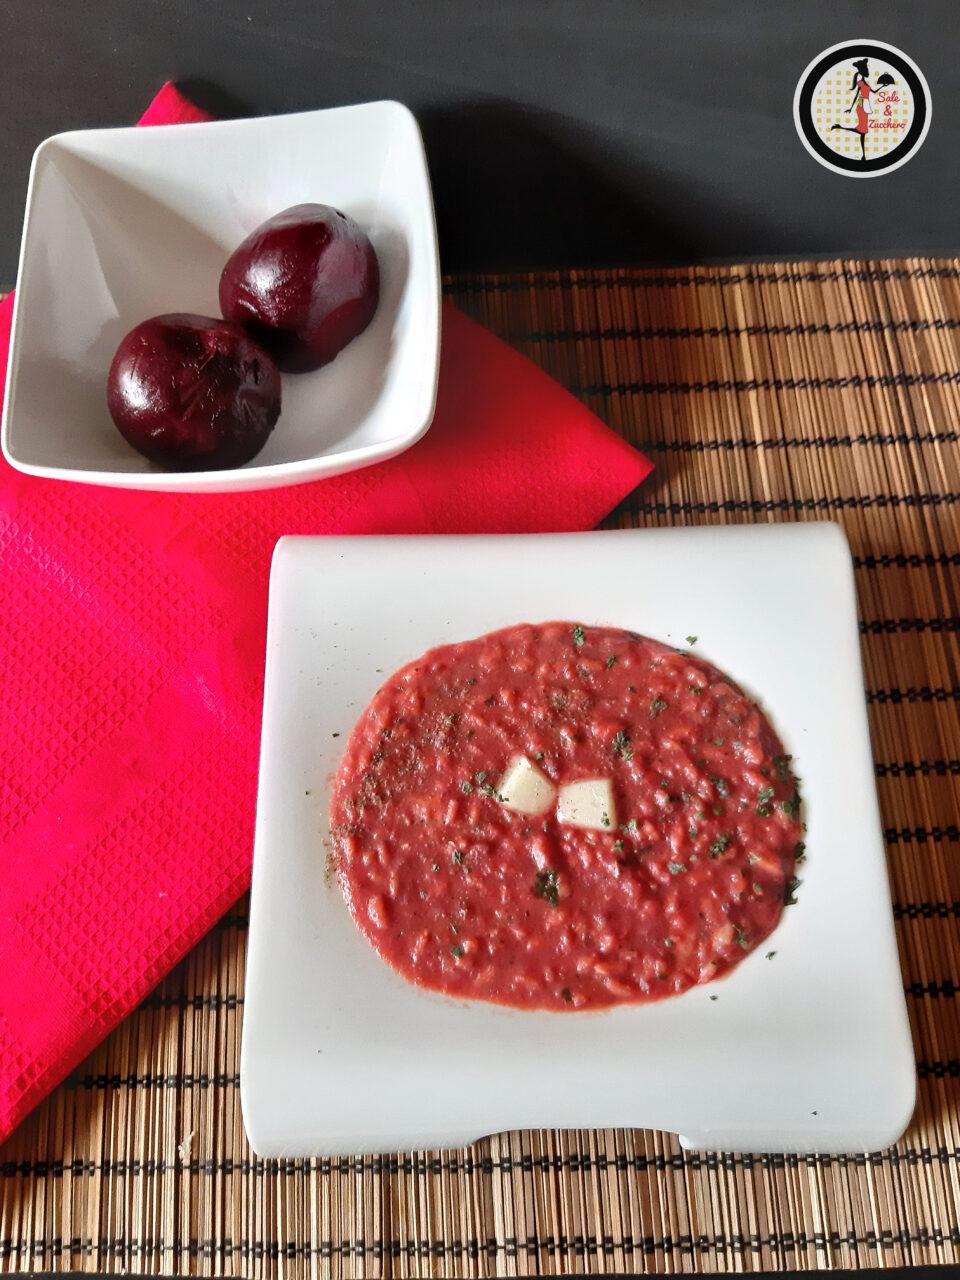 Risotto con barbabietole rosse e pecorino sardo